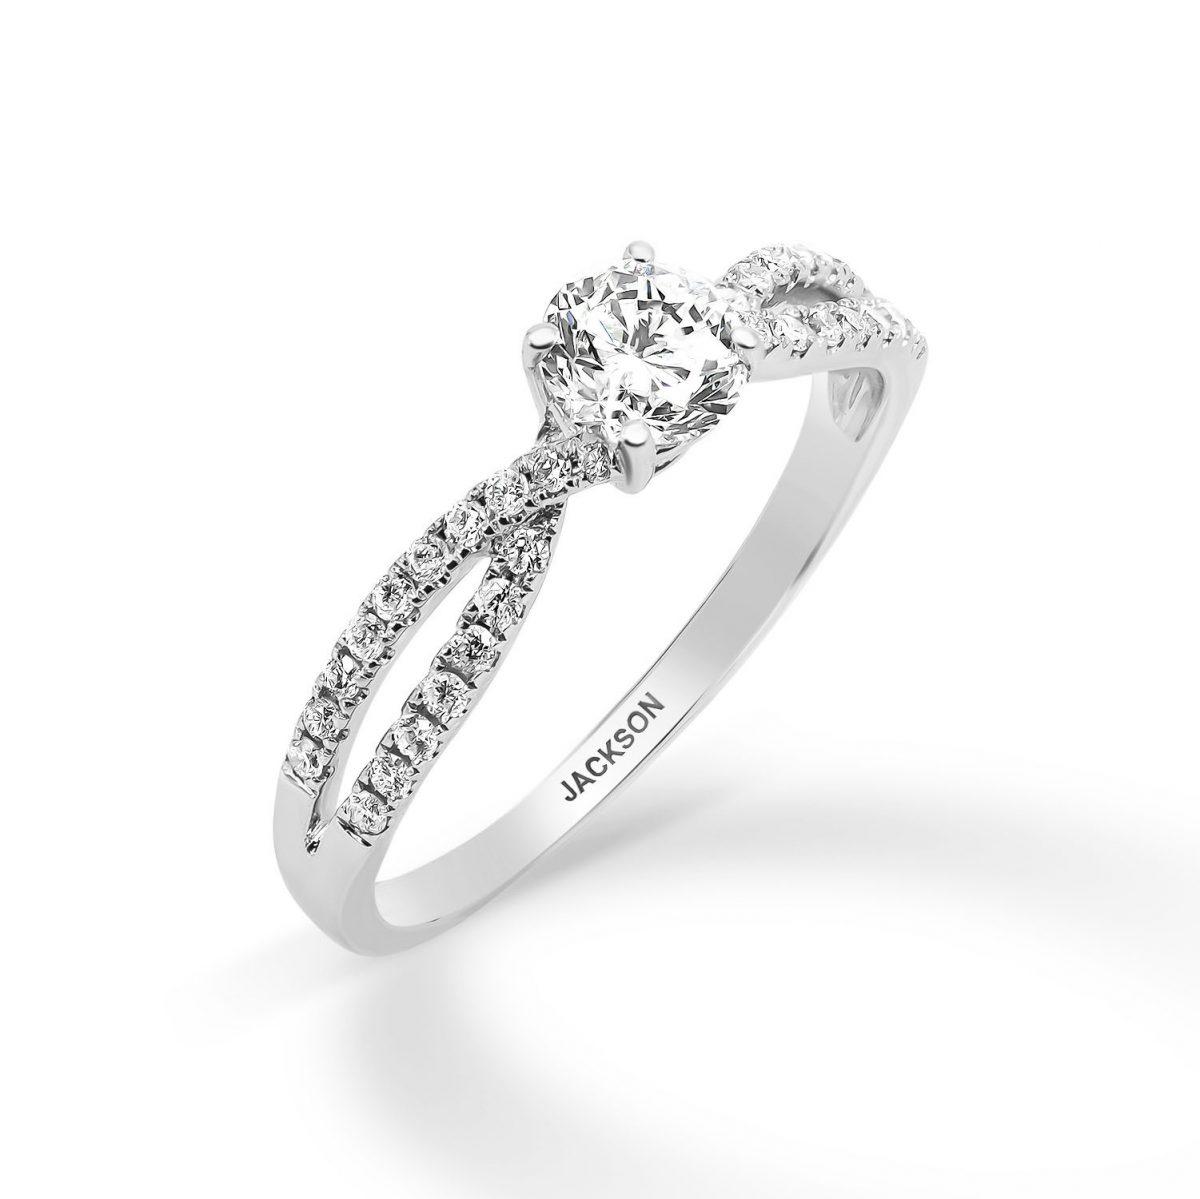 טבעת אירוסין - ולרי - זהב לבן